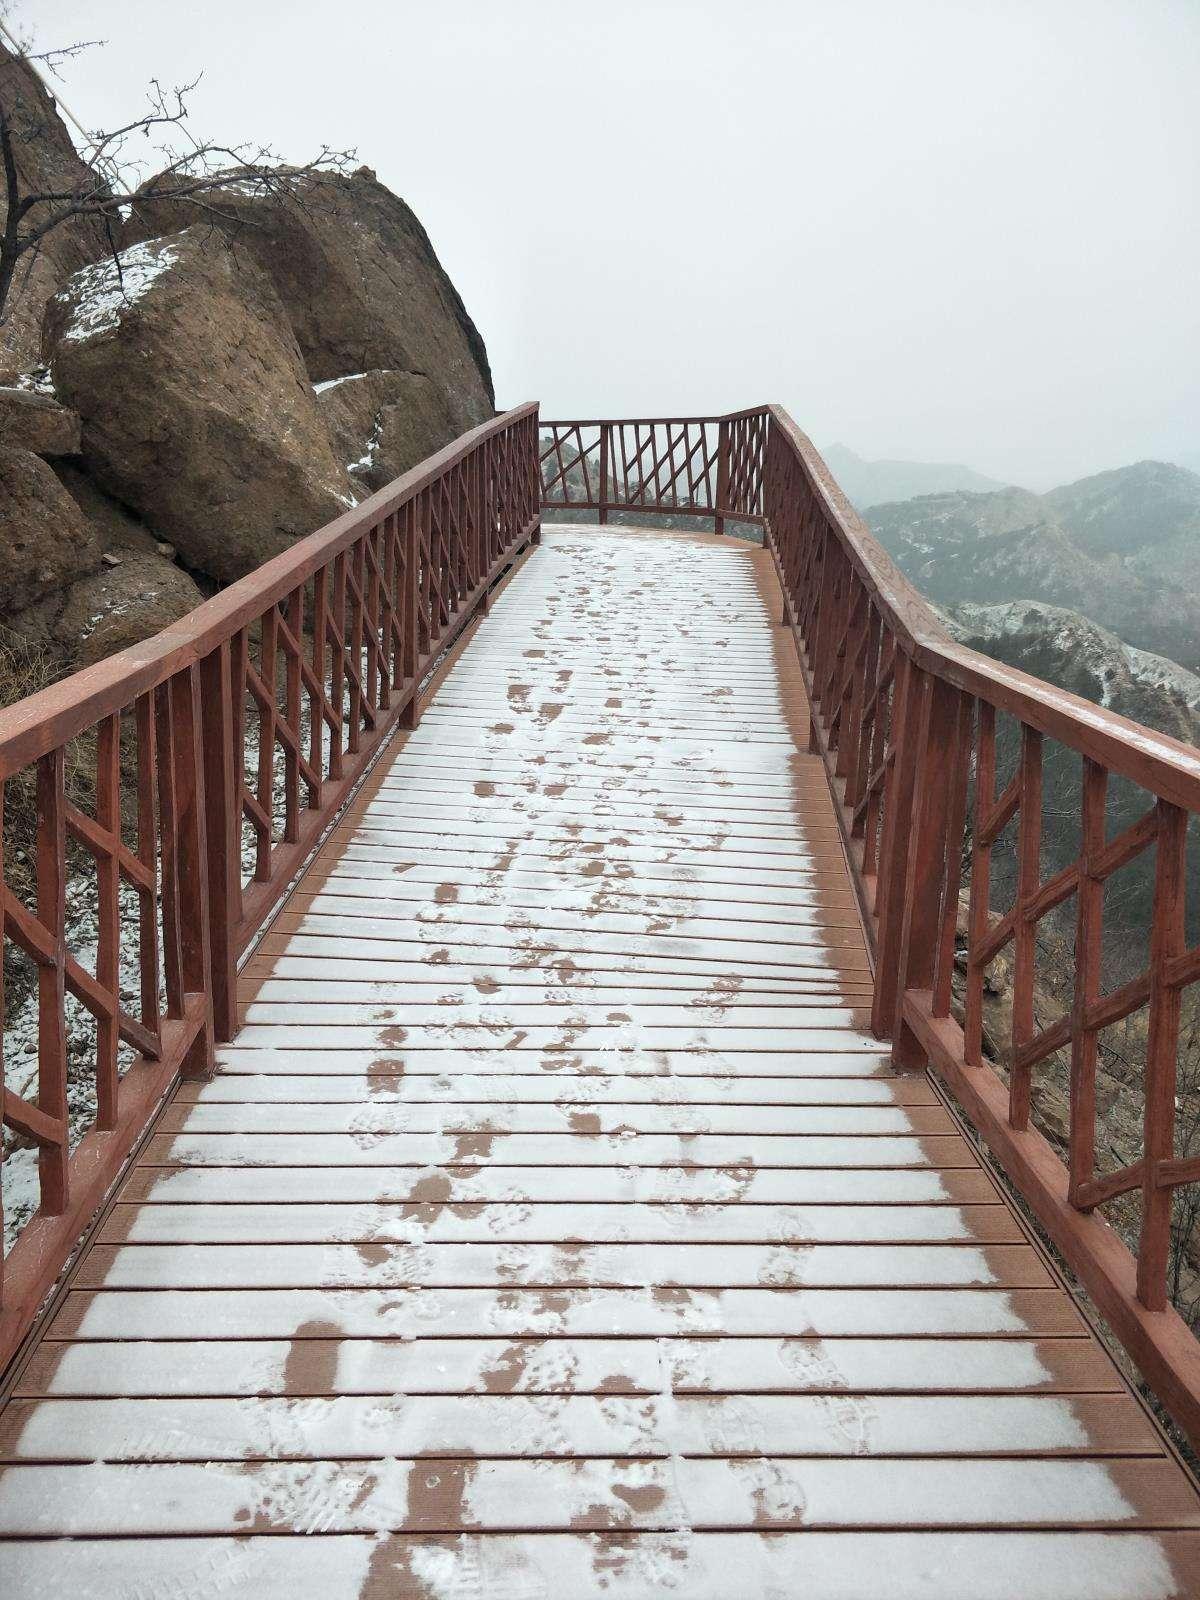 Zhangjiakou jellyfish palace scenic spot